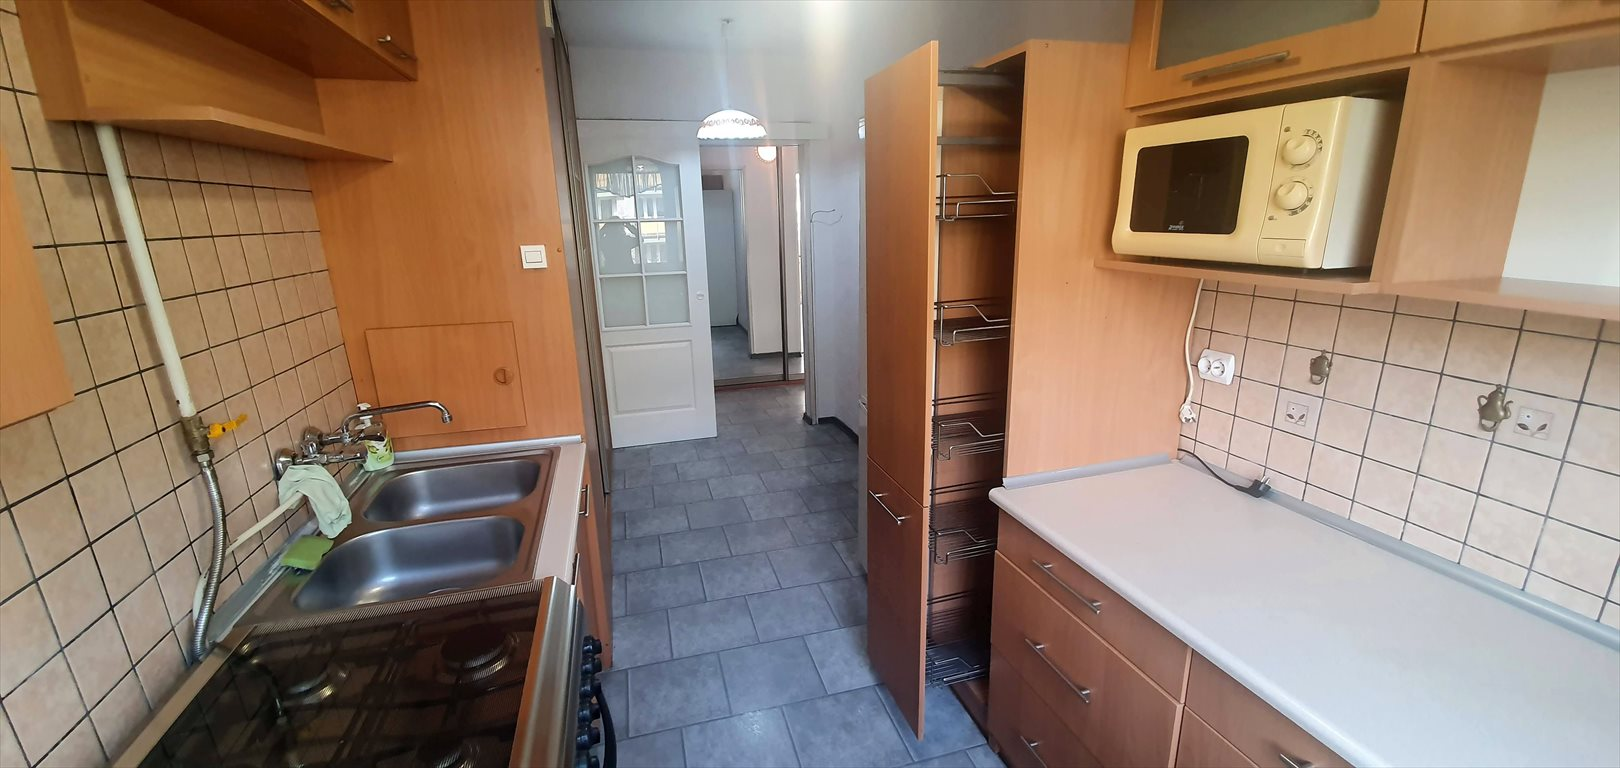 Mieszkanie trzypokojowe na wynajem Bytom, Stroszek, Sikorskiego  60m2 Foto 3